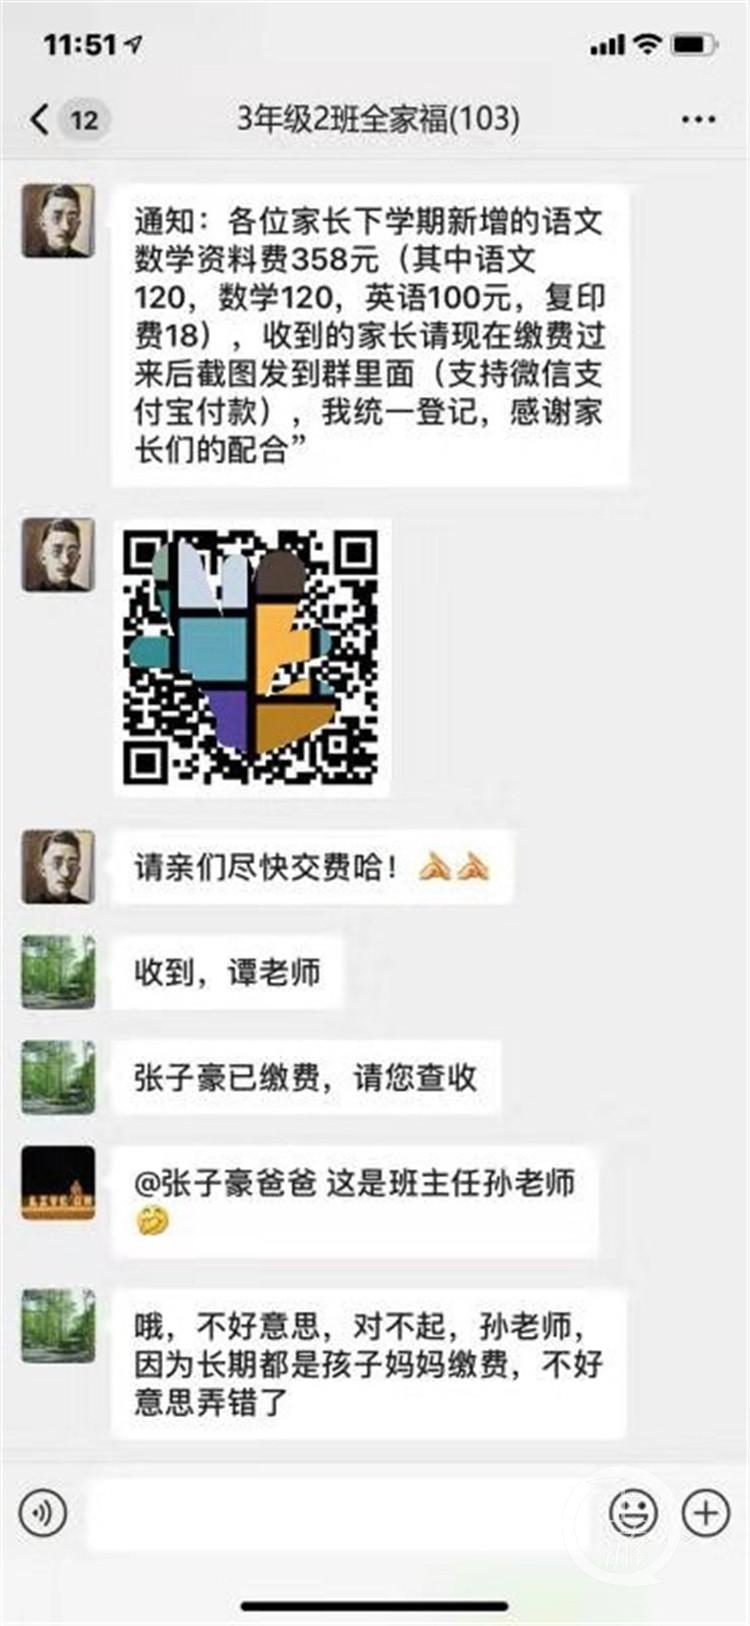 http://www.jiaokaotong.cn/zhongxiaoxue/290783.html